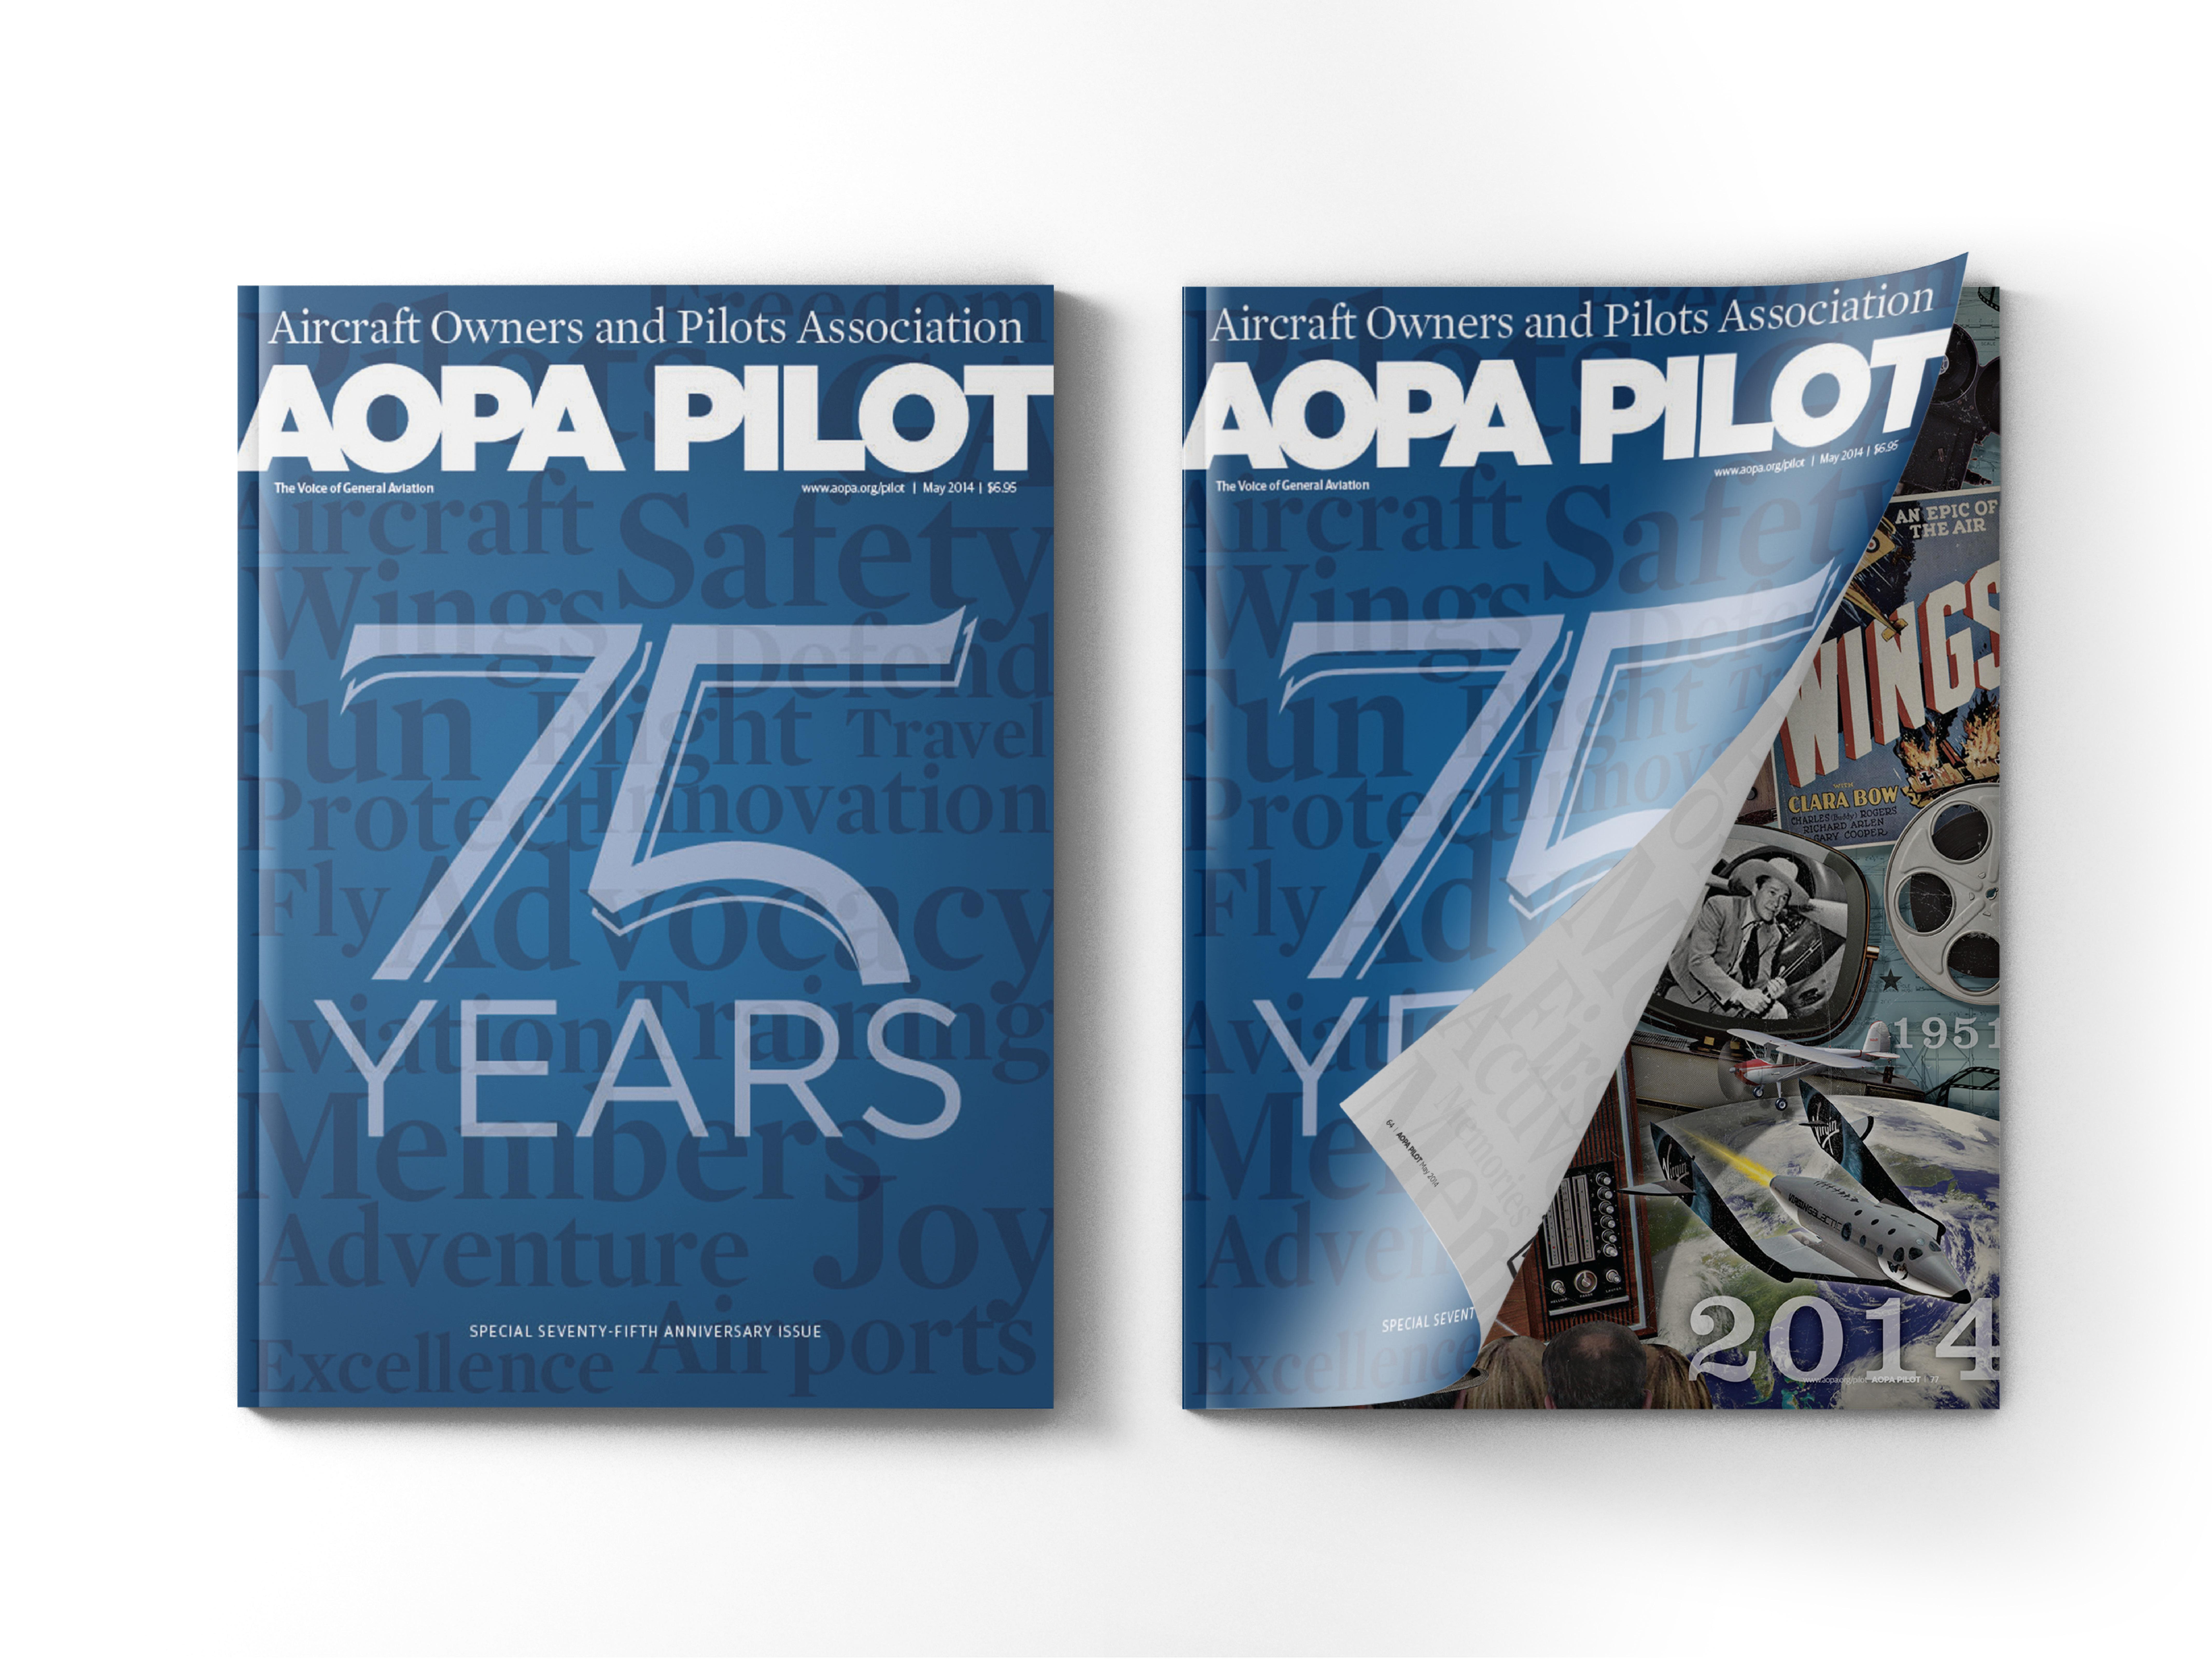 AOPA Pilot - Cover Design